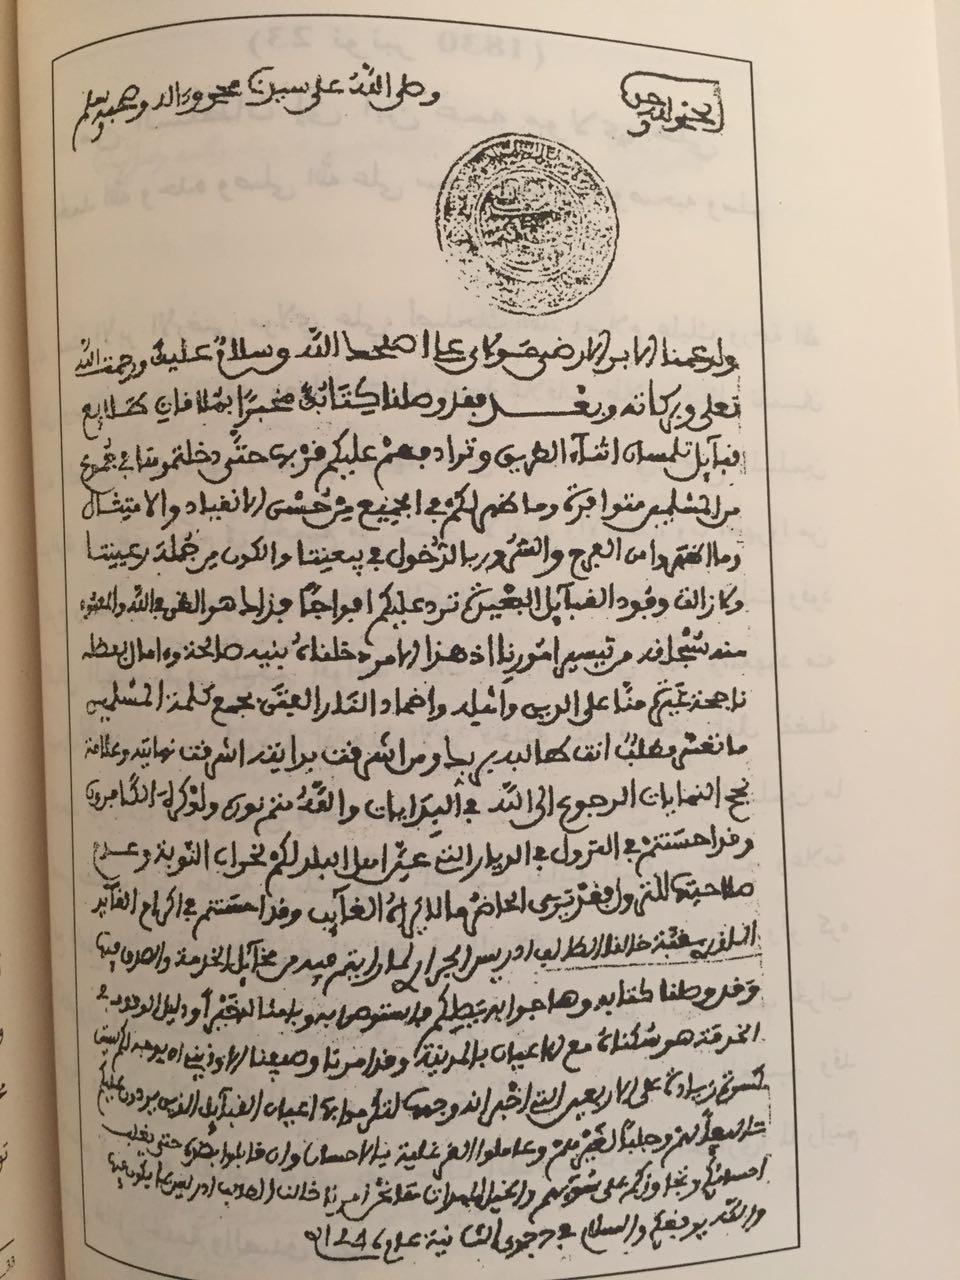 َ سكان مدينة تلمسان يطلبون الاحتماء بالسلطان المغربي مولاي عبد الرحمان، صحبة القبائل الجزائرية